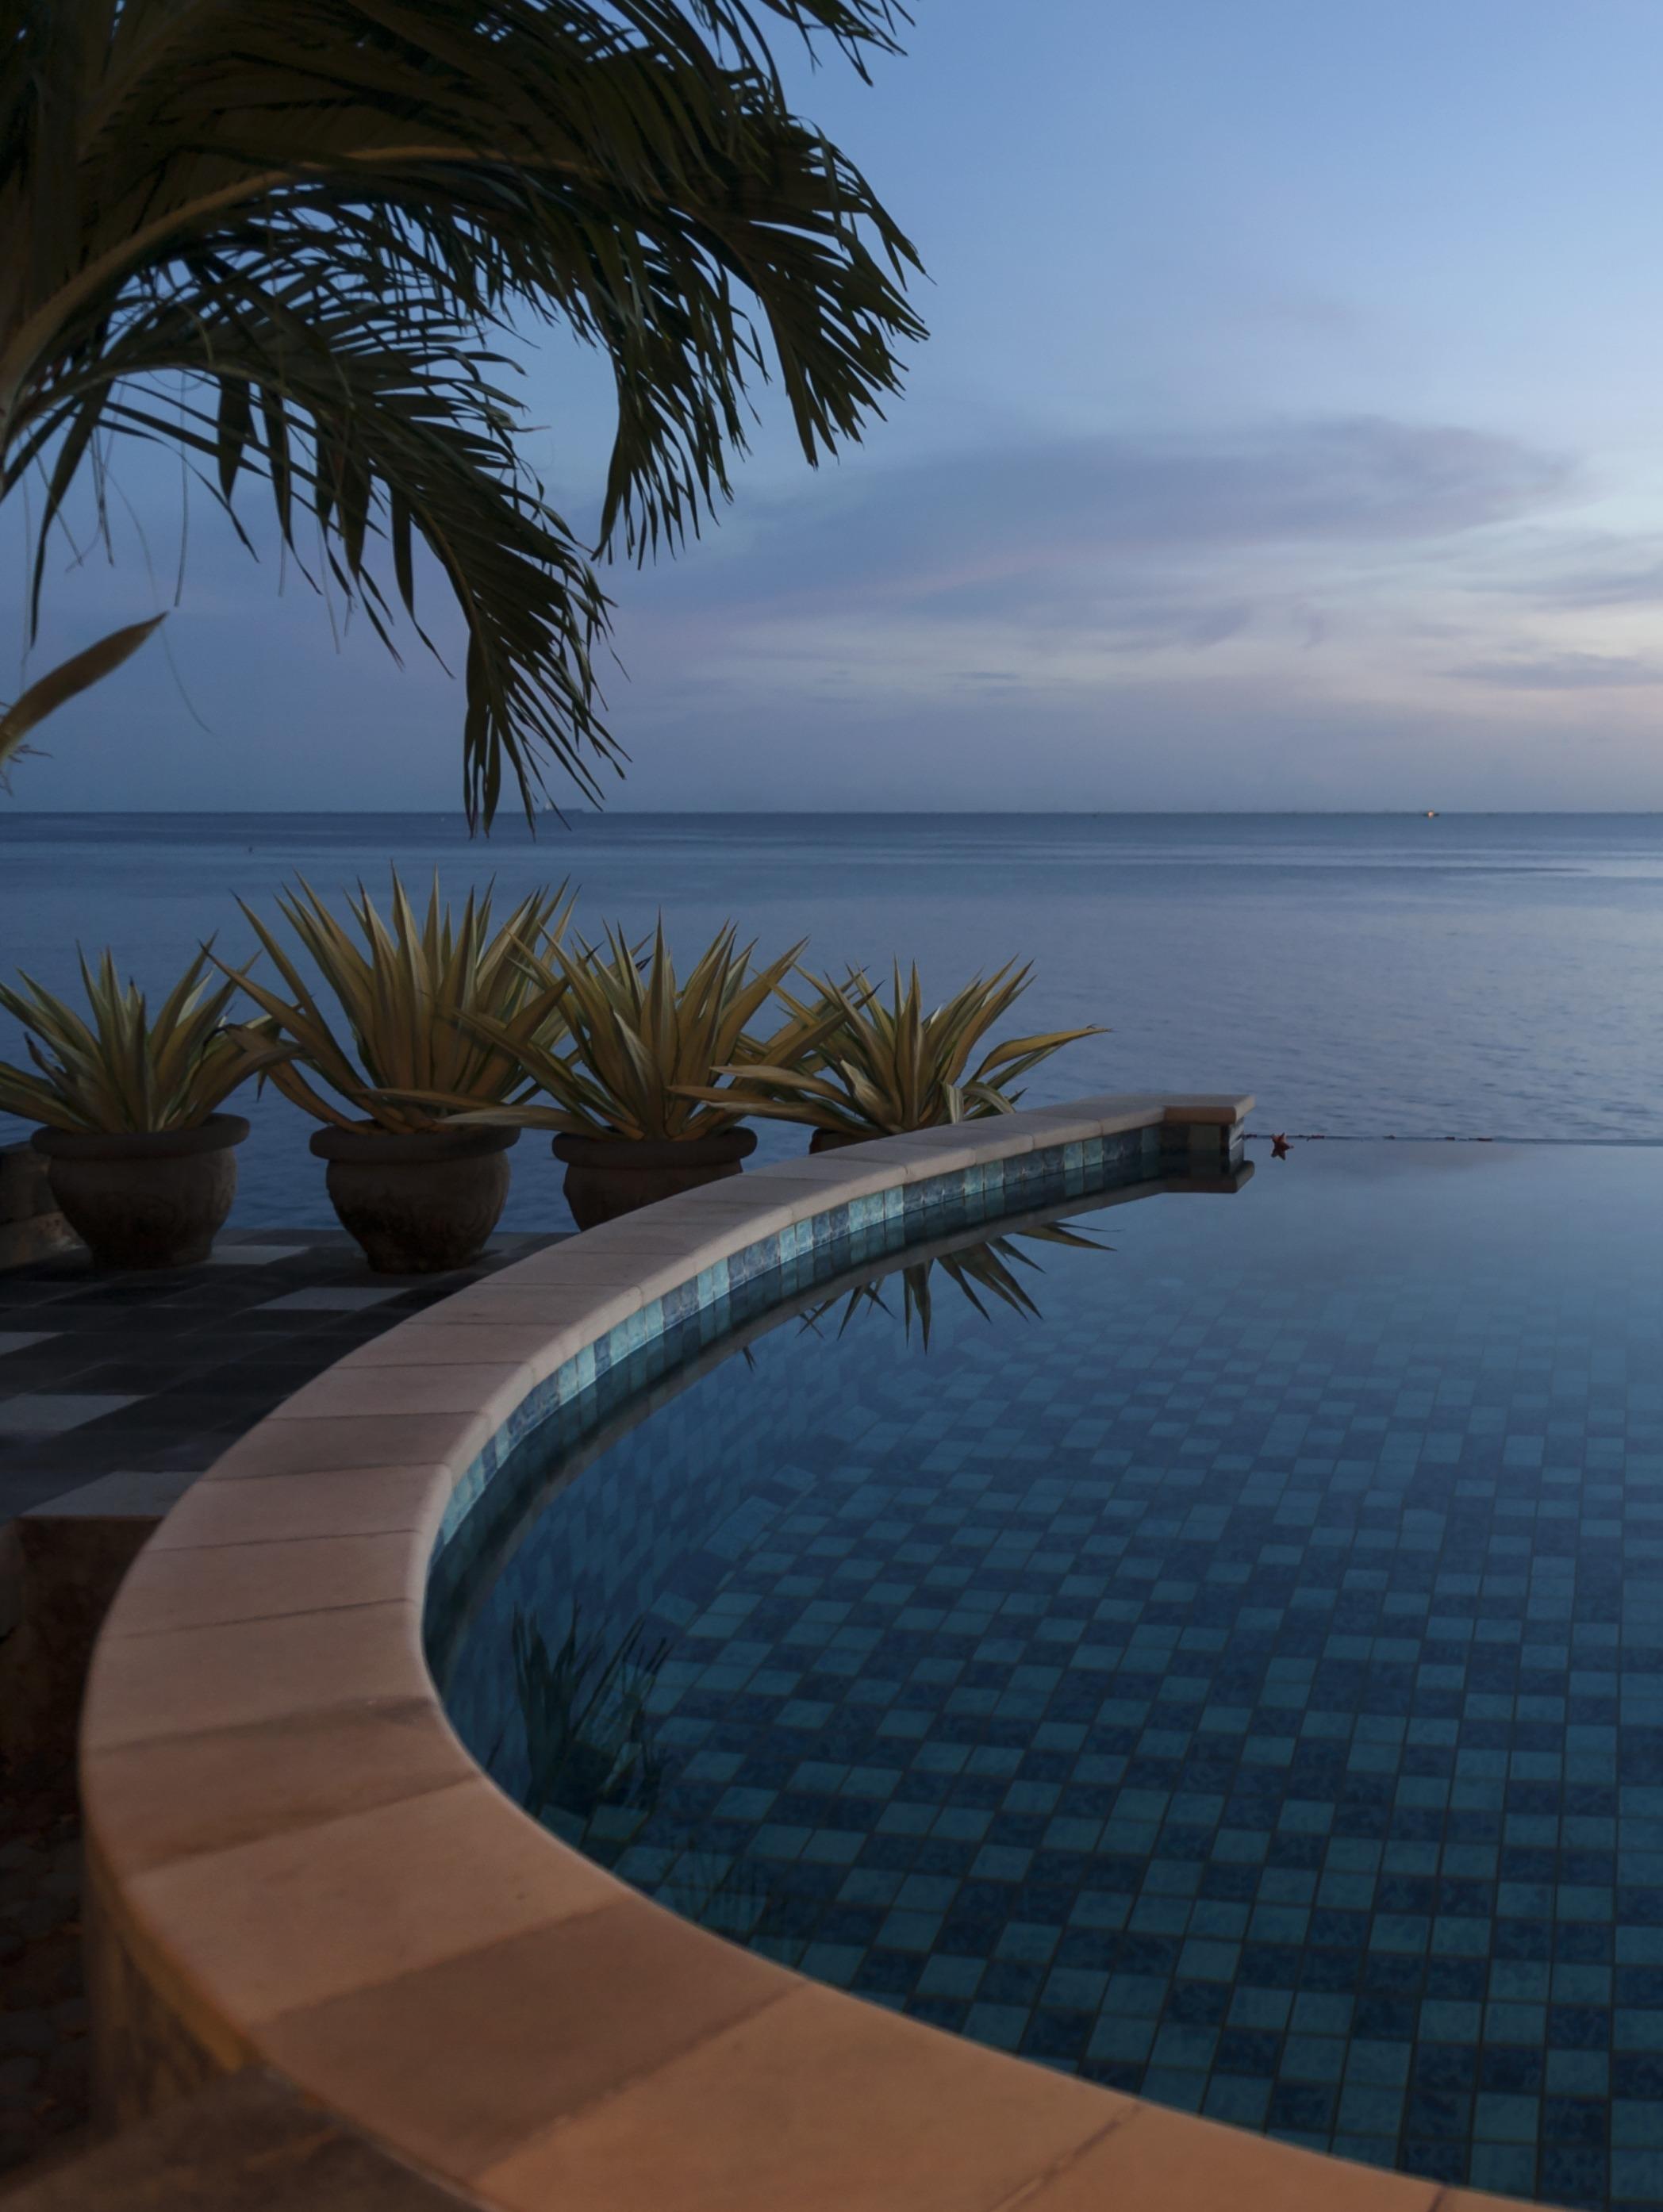 Piscine-espagne-bord de mer-plus-value-maison-villa-seconde résidence